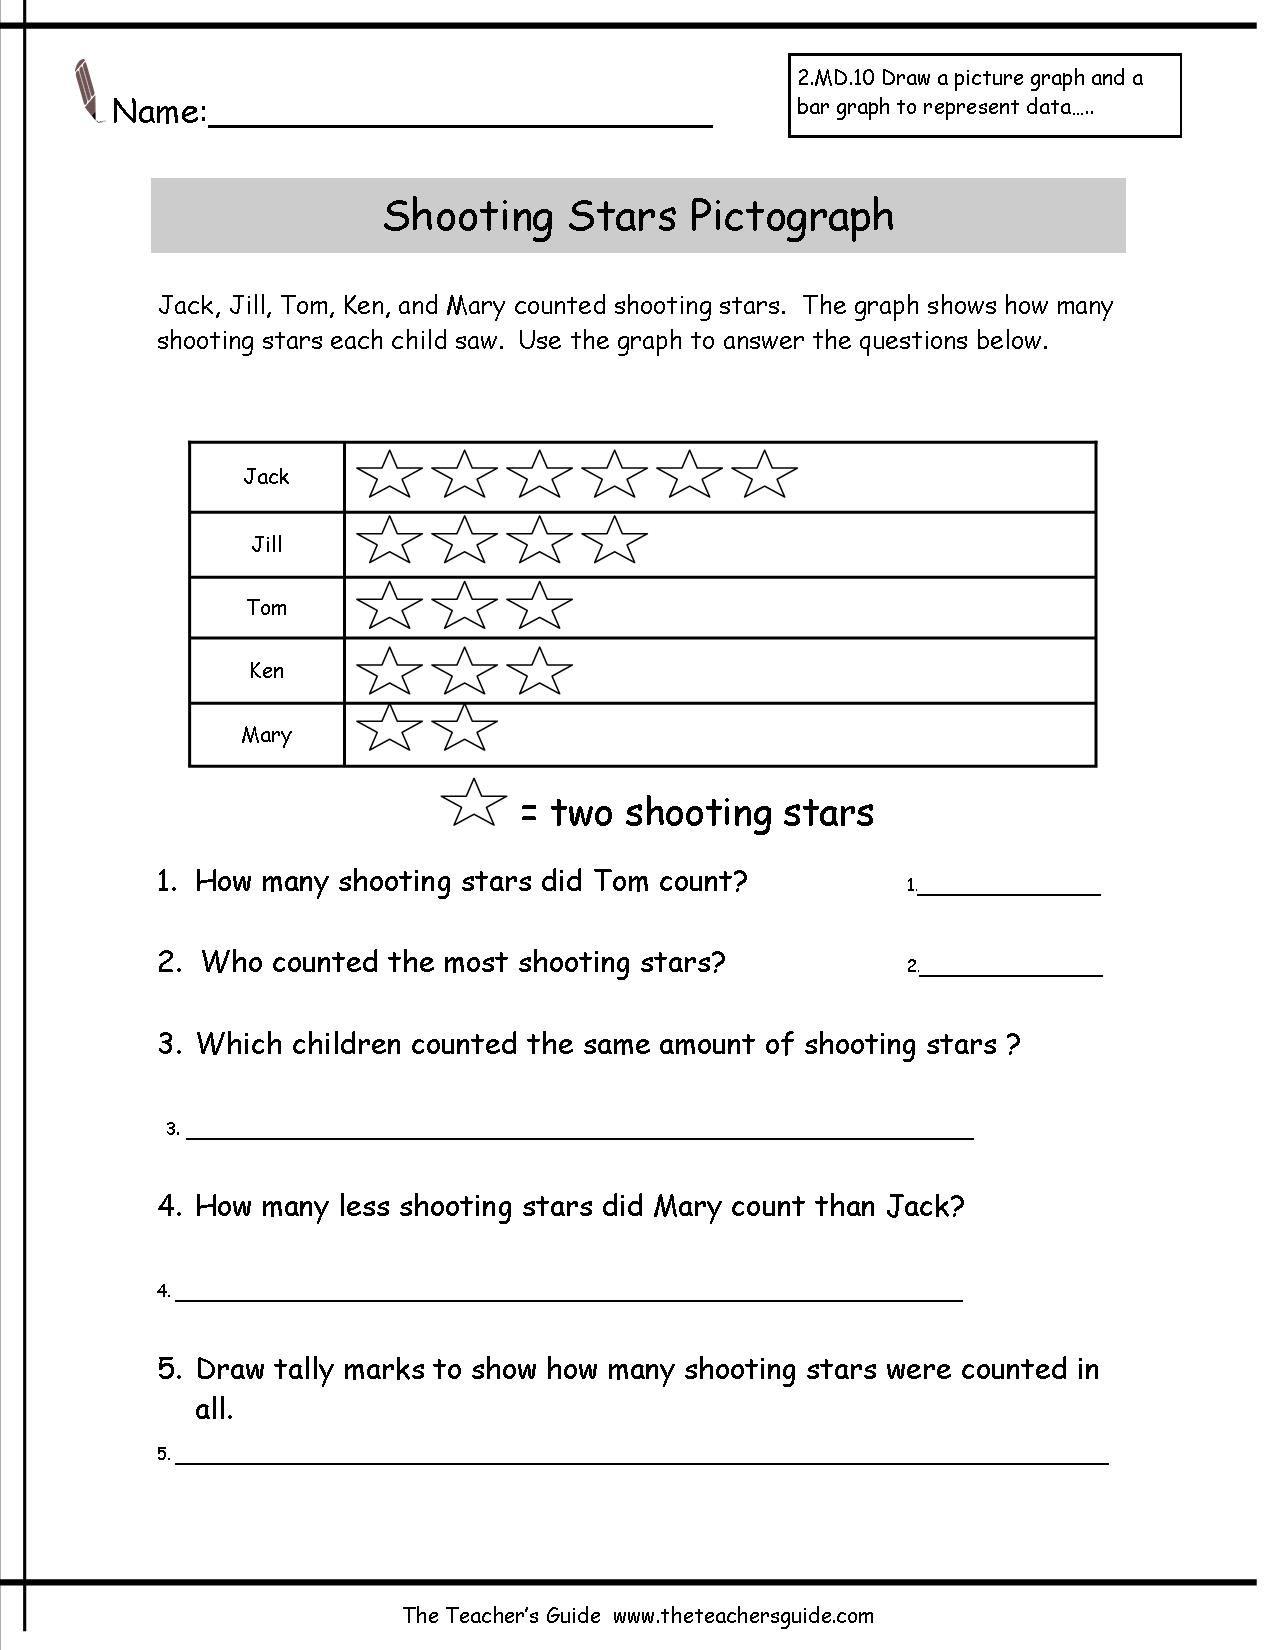 Worksheet Pictographs Worksheets Reading And Creating Pictographs Worksheets From The Teachers G Third Grade Worksheets 2nd Grade Worksheets Phonics Worksheets